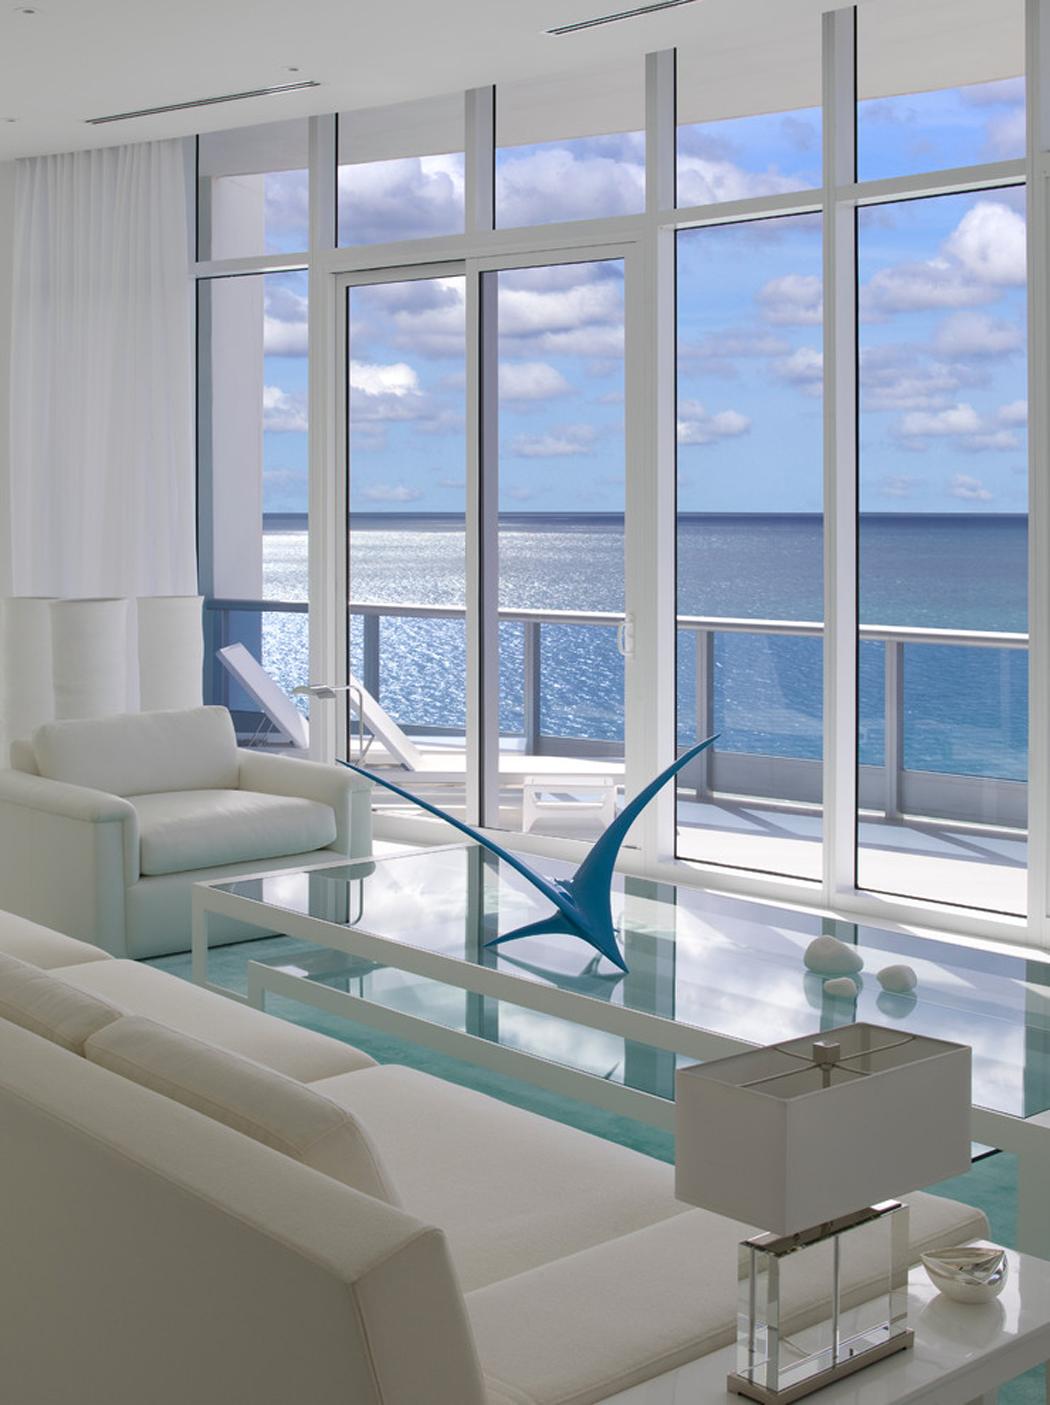 Appartement moderne de vacances